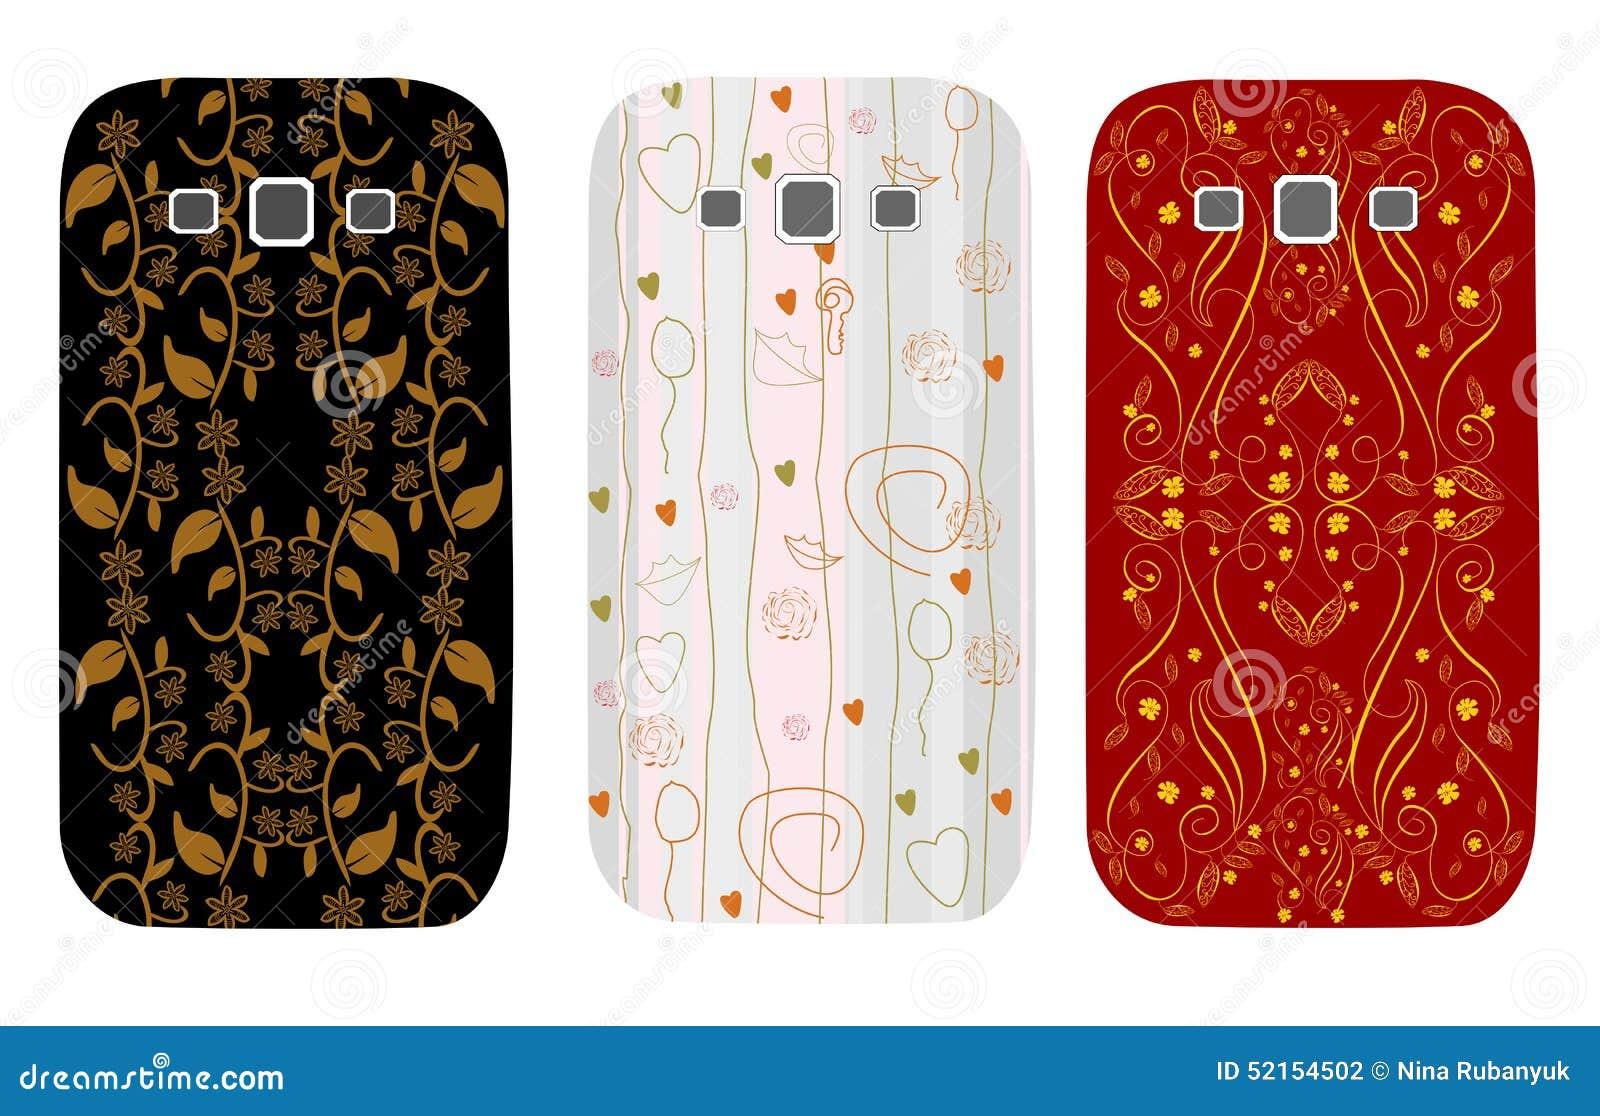 Μοντέρνες περιπτώσεις σχεδίου για τα τηλέφωνα